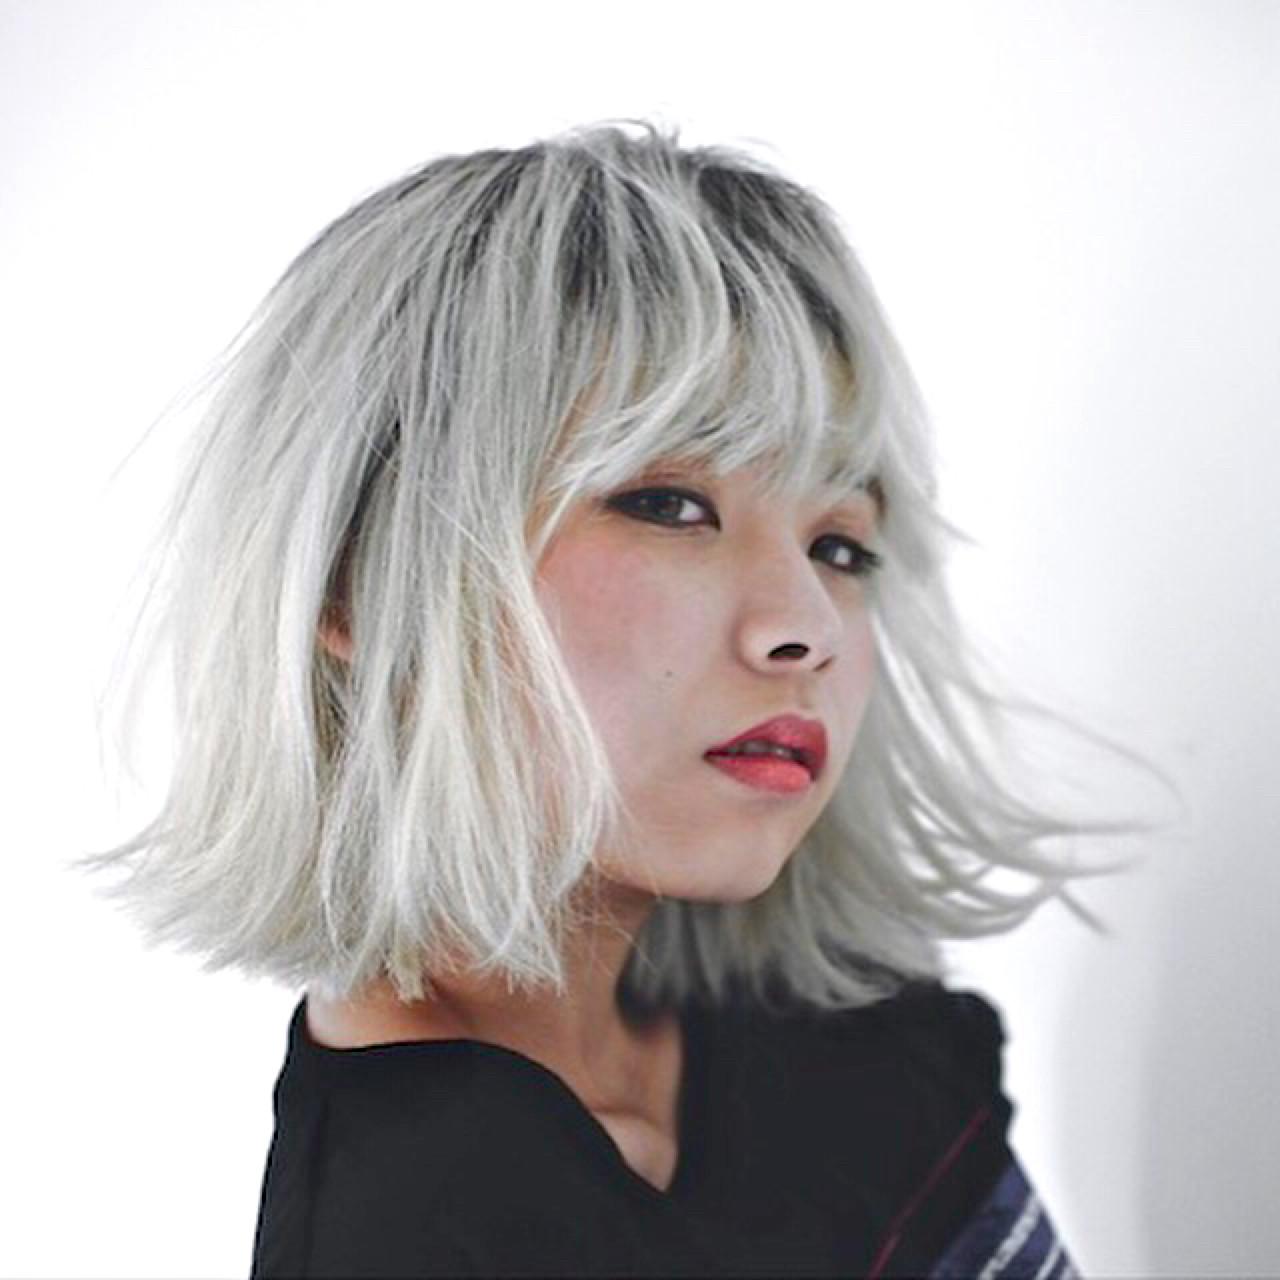 ハイトーン グラデーションカラー ガーリー ボブ ヘアスタイルや髪型の写真・画像